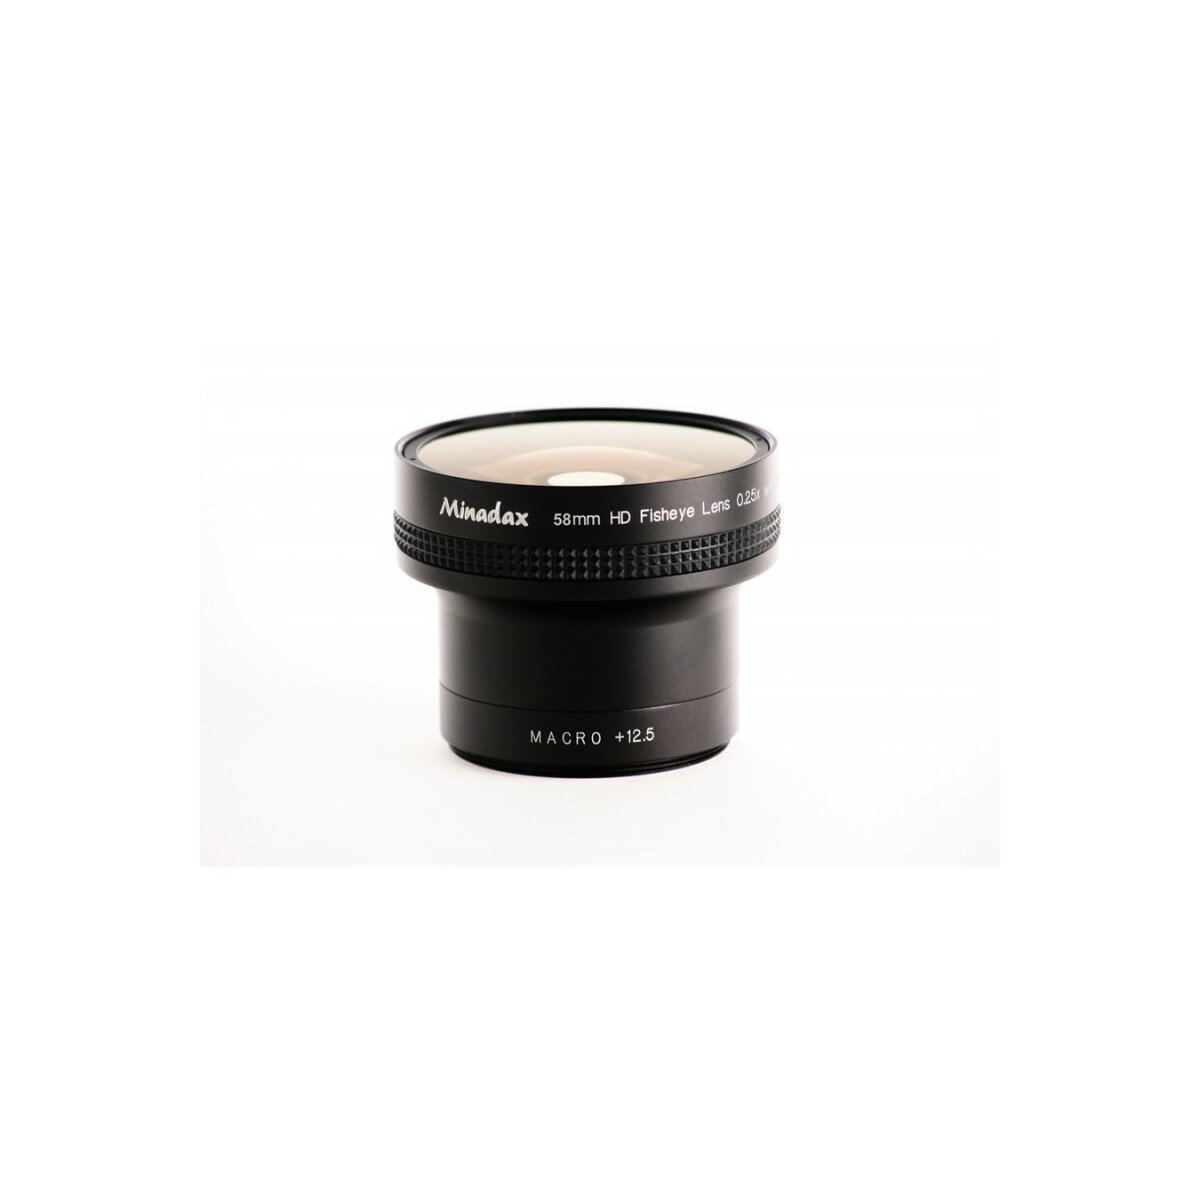 Minadax 0.25x Fisheye Vorsatz kompatibel mit Canon Powershot G9 - in schwarz